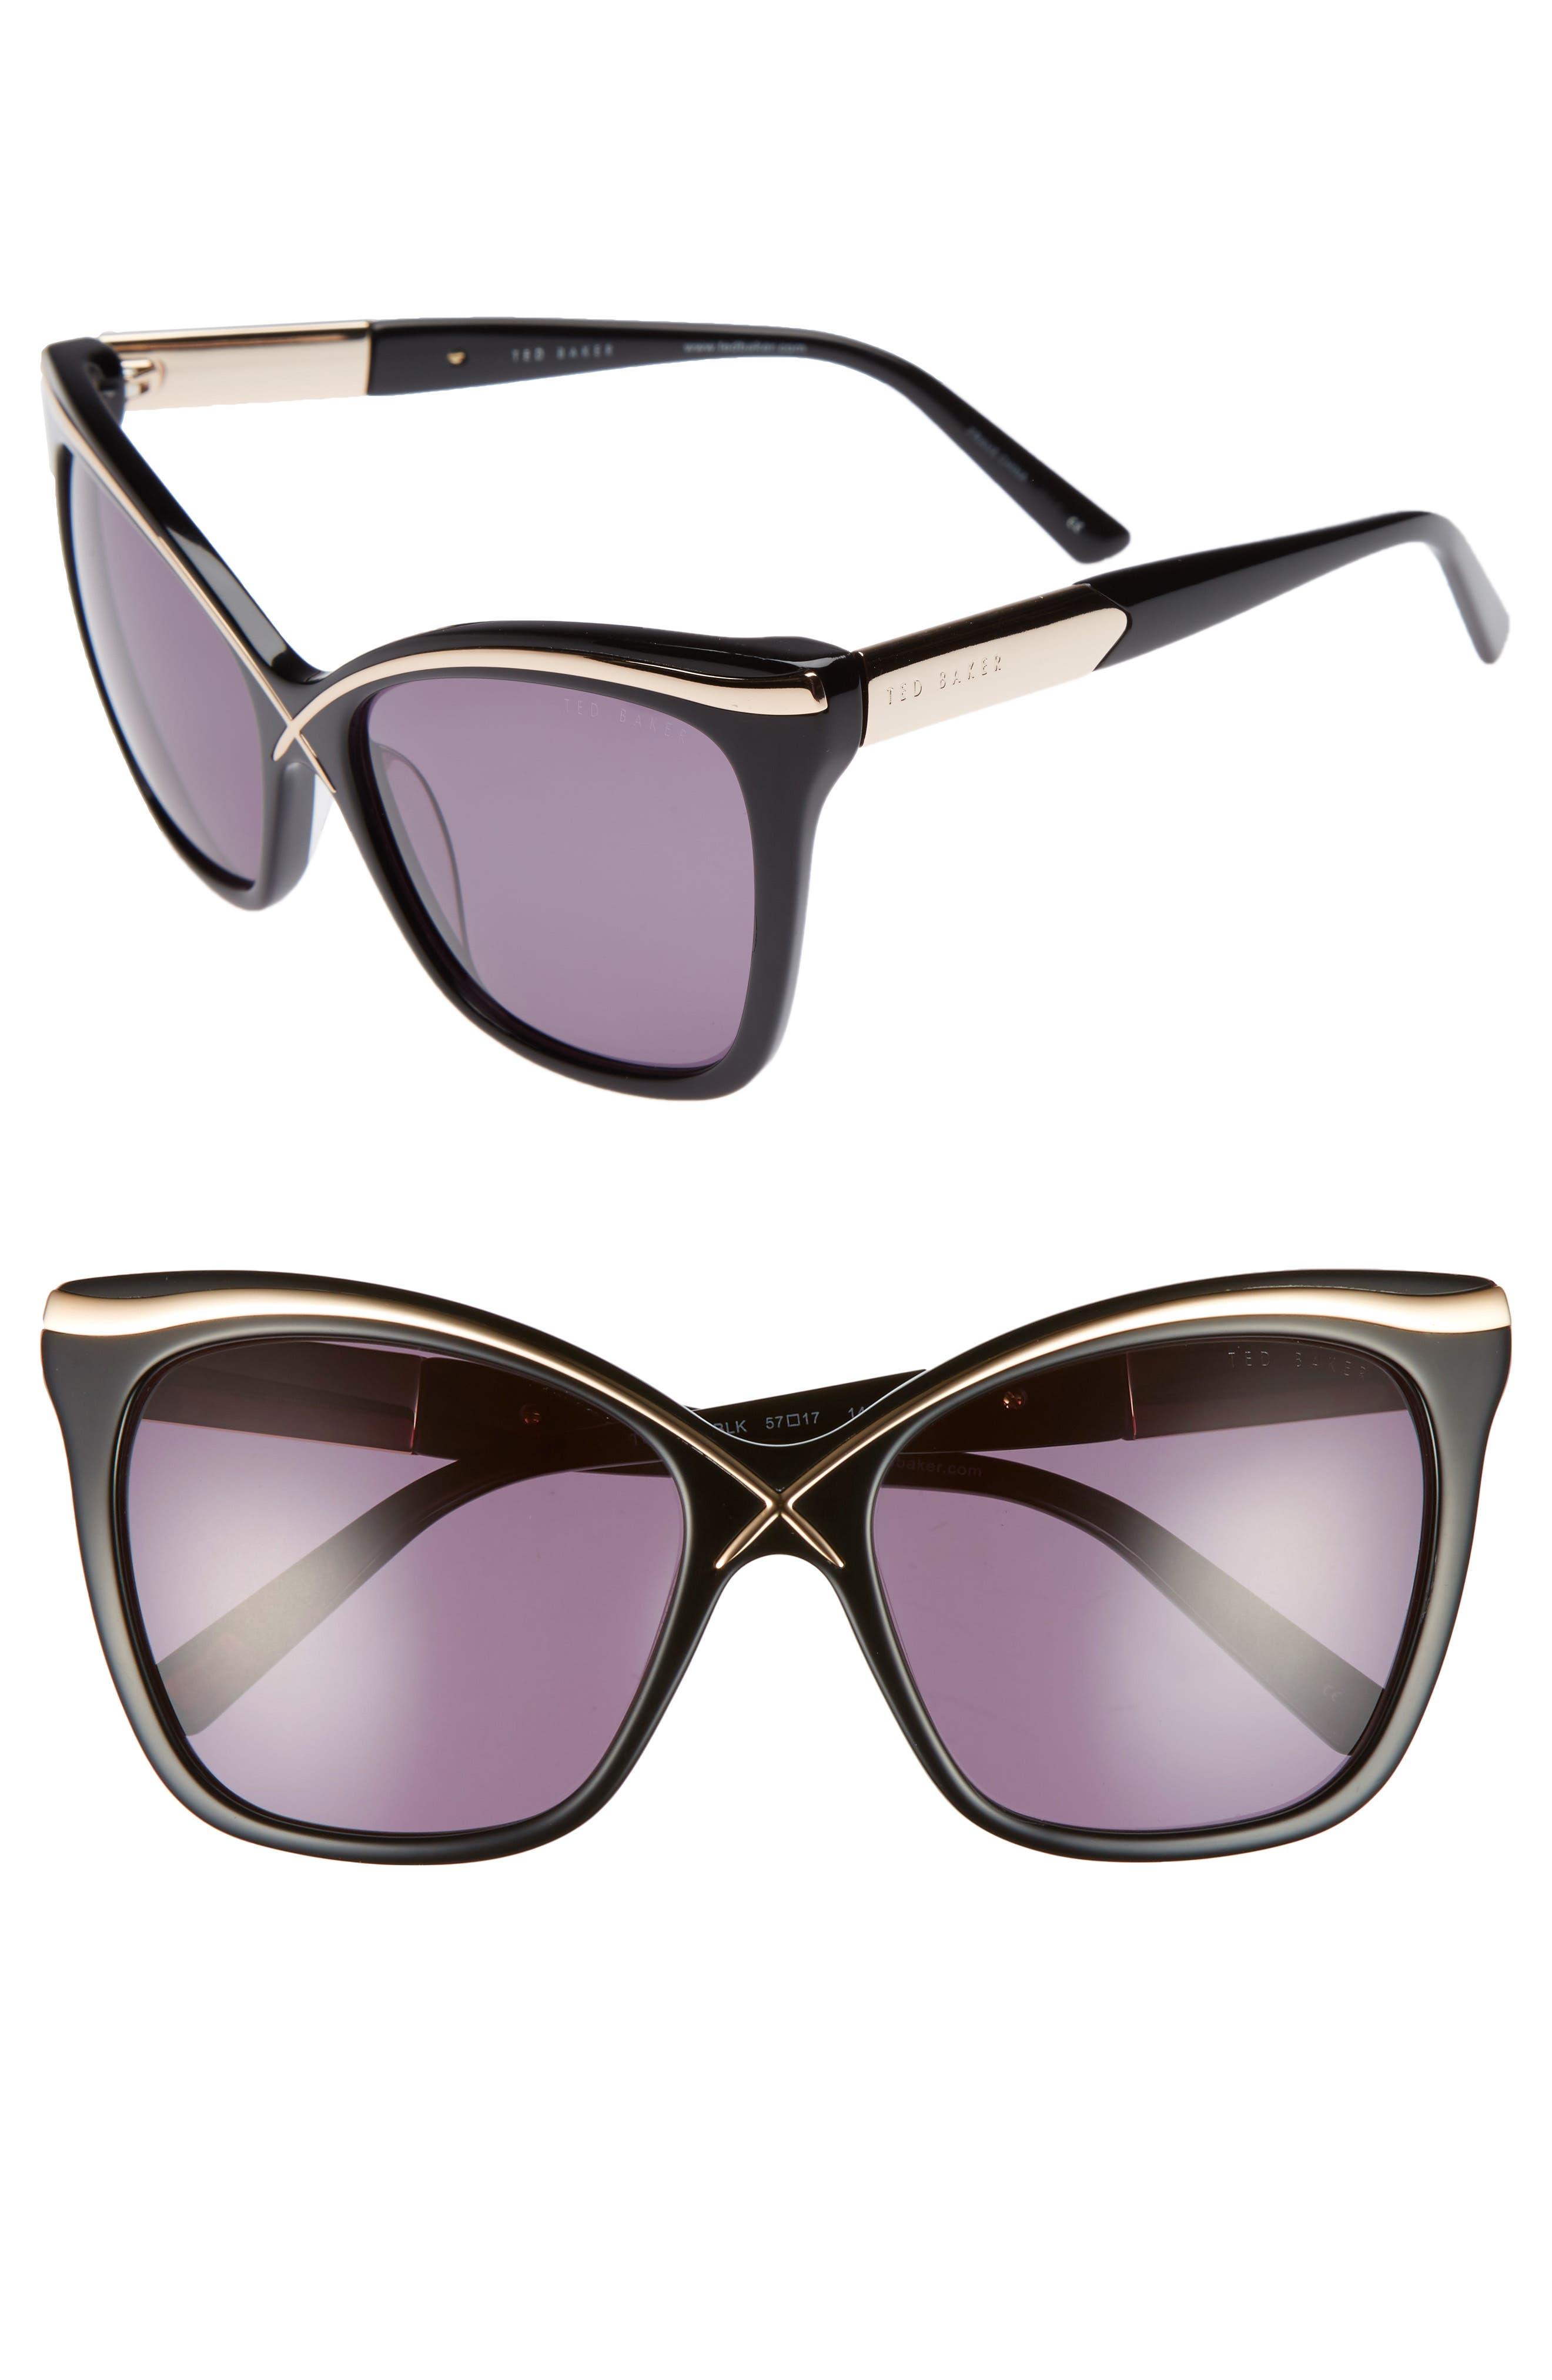 57mm Square Cat Eye Sunglasses,                             Main thumbnail 1, color,